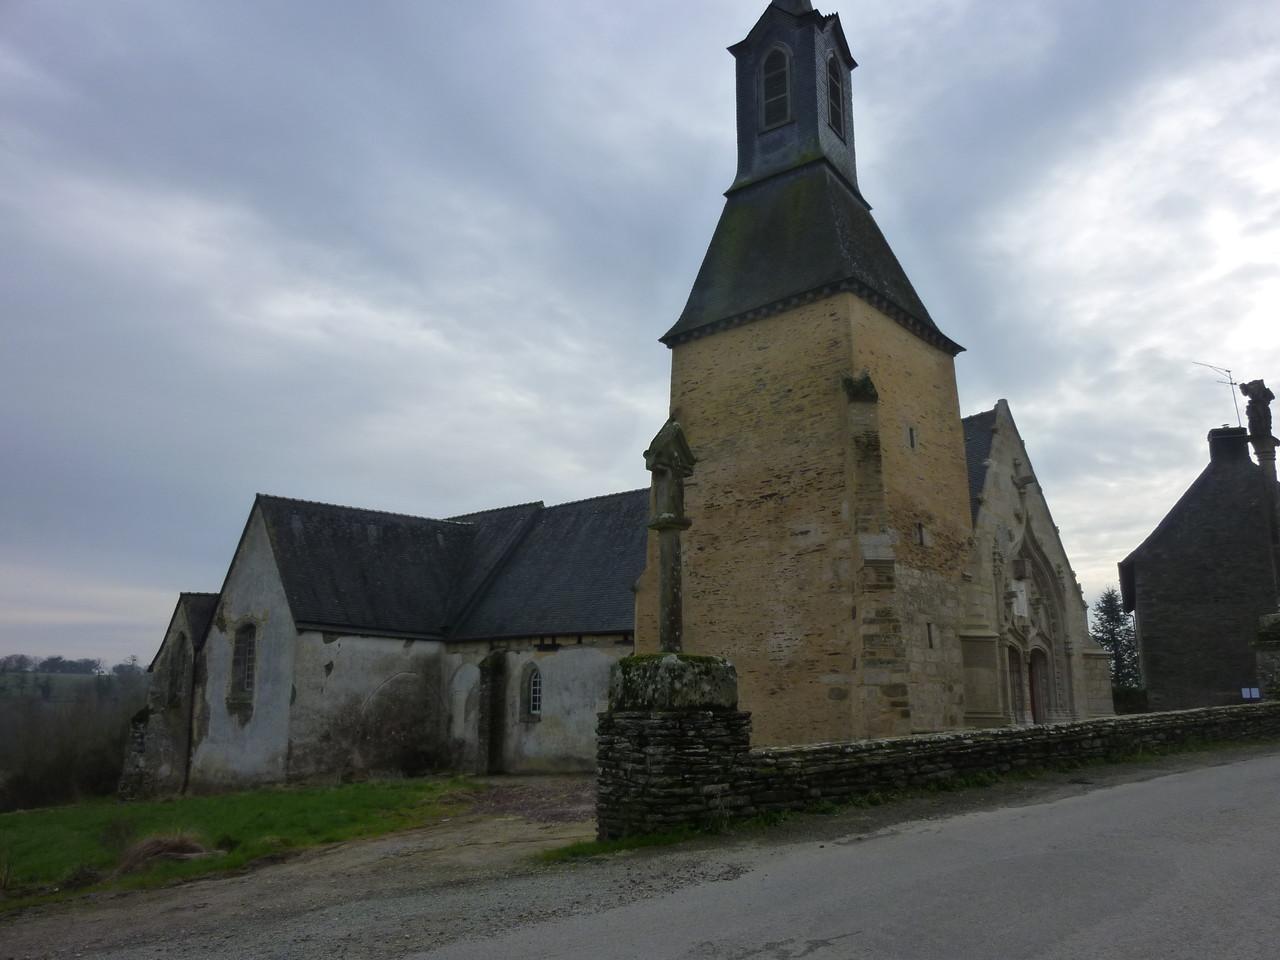 Chapelle du Vieux bourg, Taupont